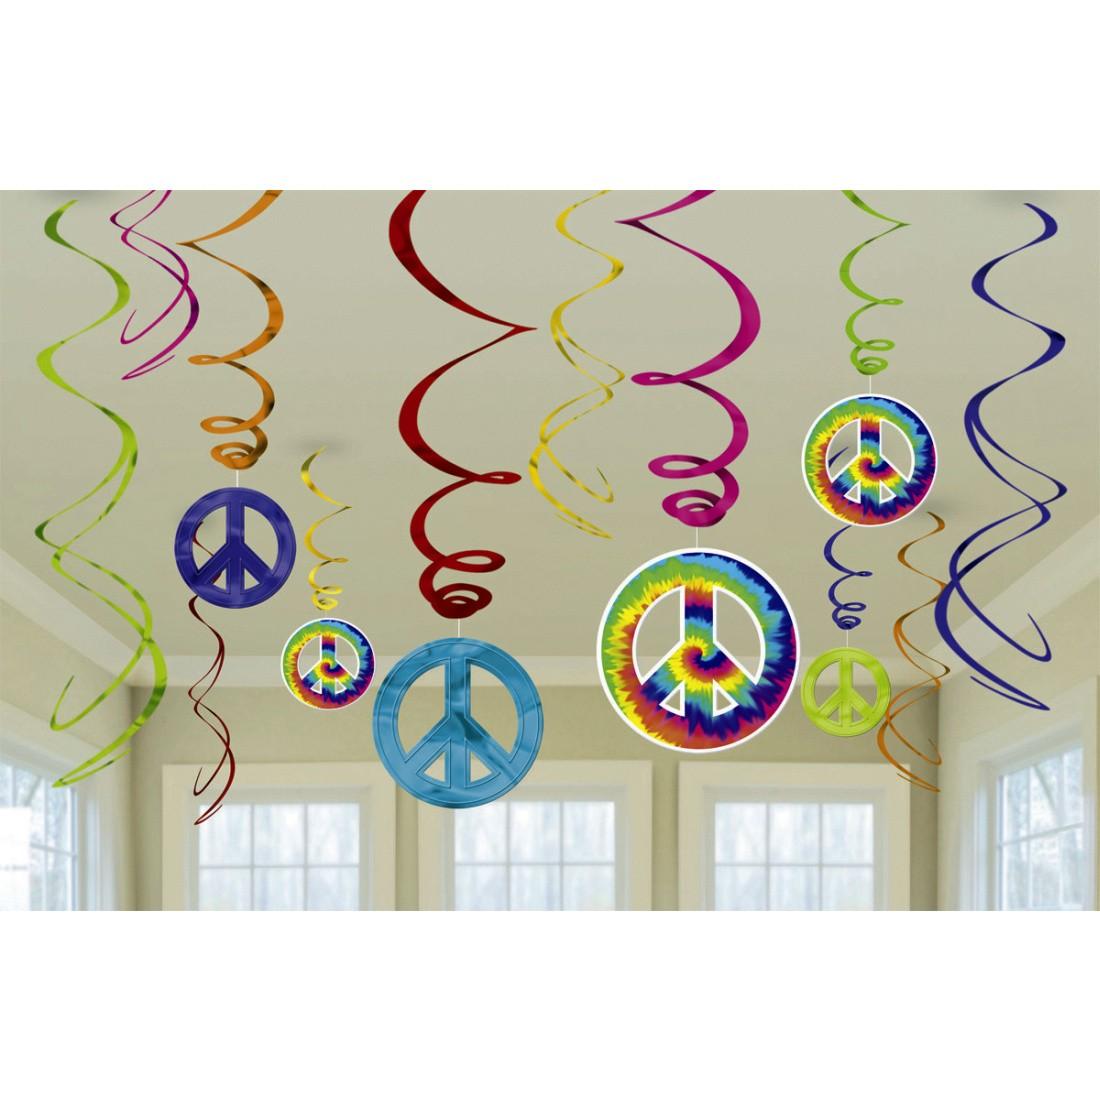 12 Stk Party Spiralen Deko Girlanden 70er Jahre 60 S Hangedeko